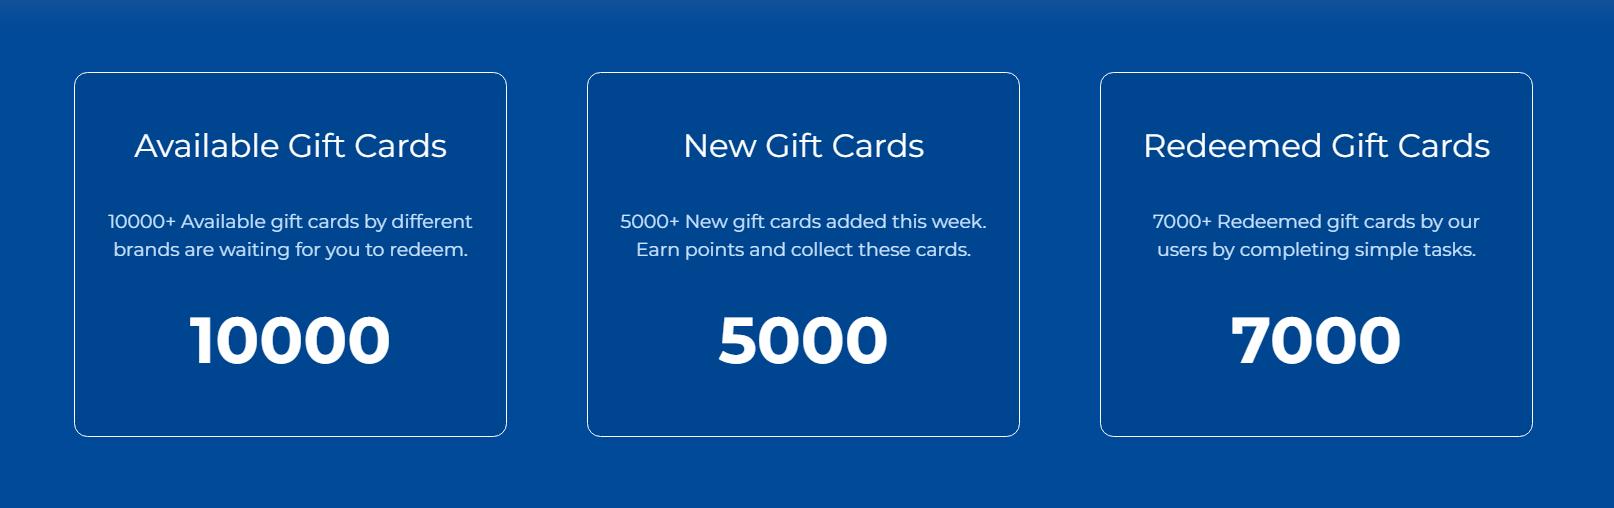 7000 redeemed gift caards